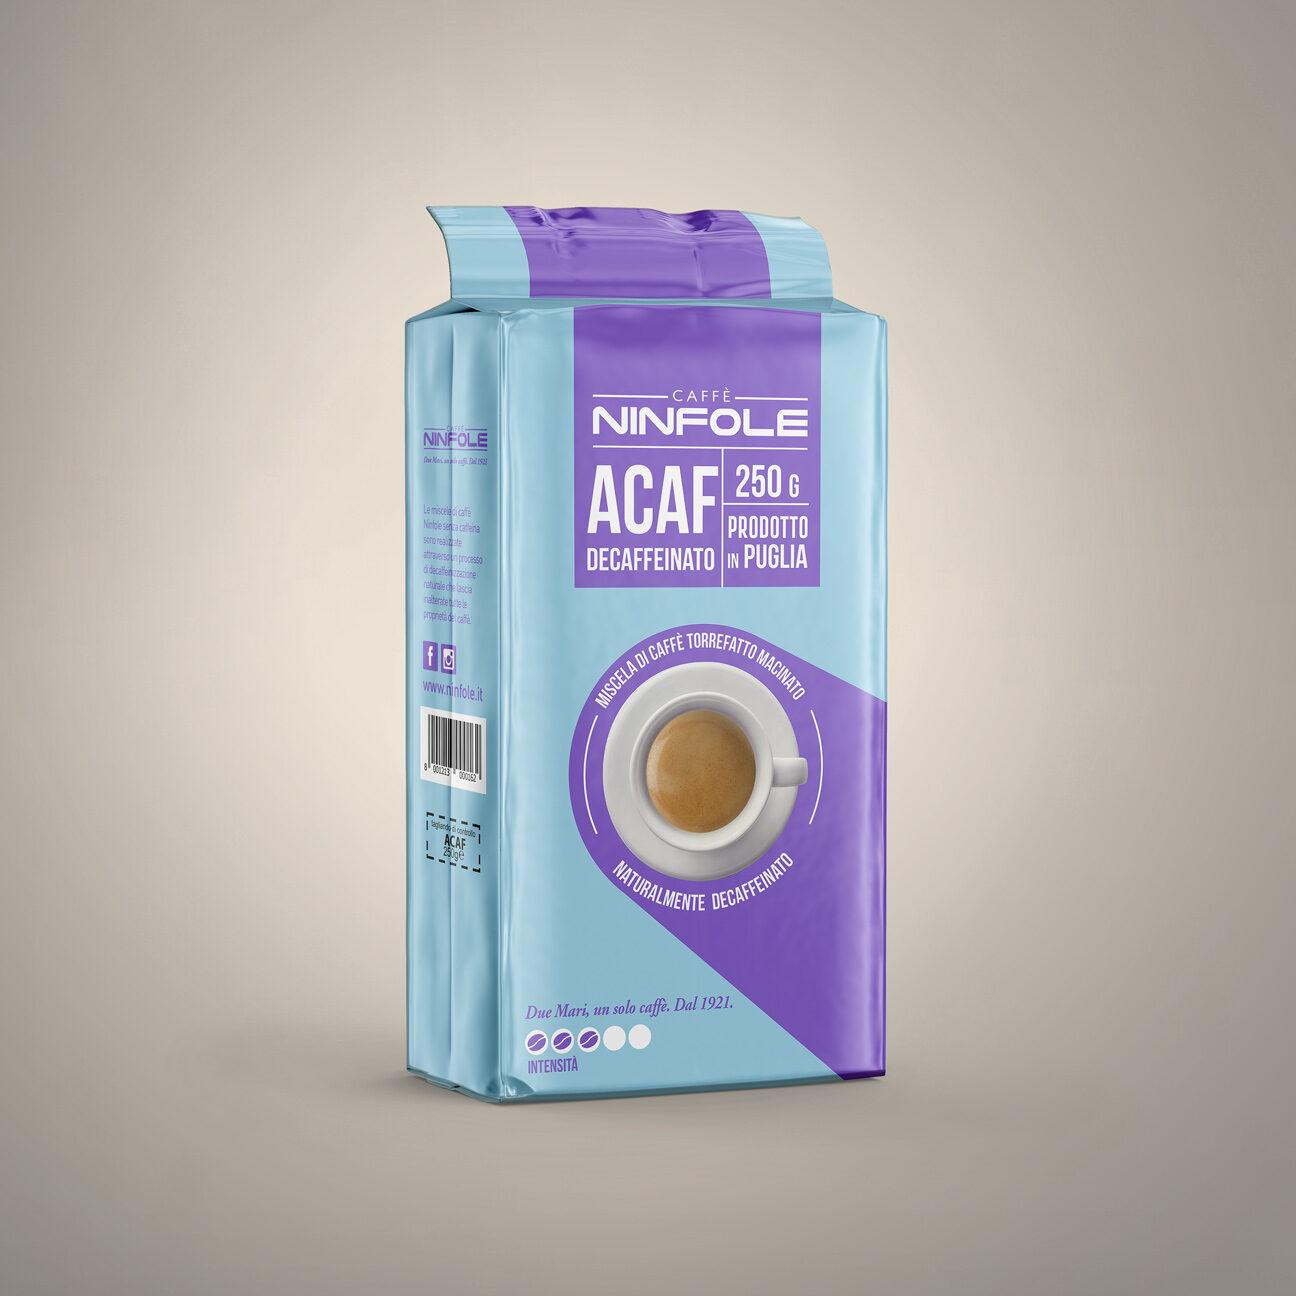 ACAF Decaffeinato 250g